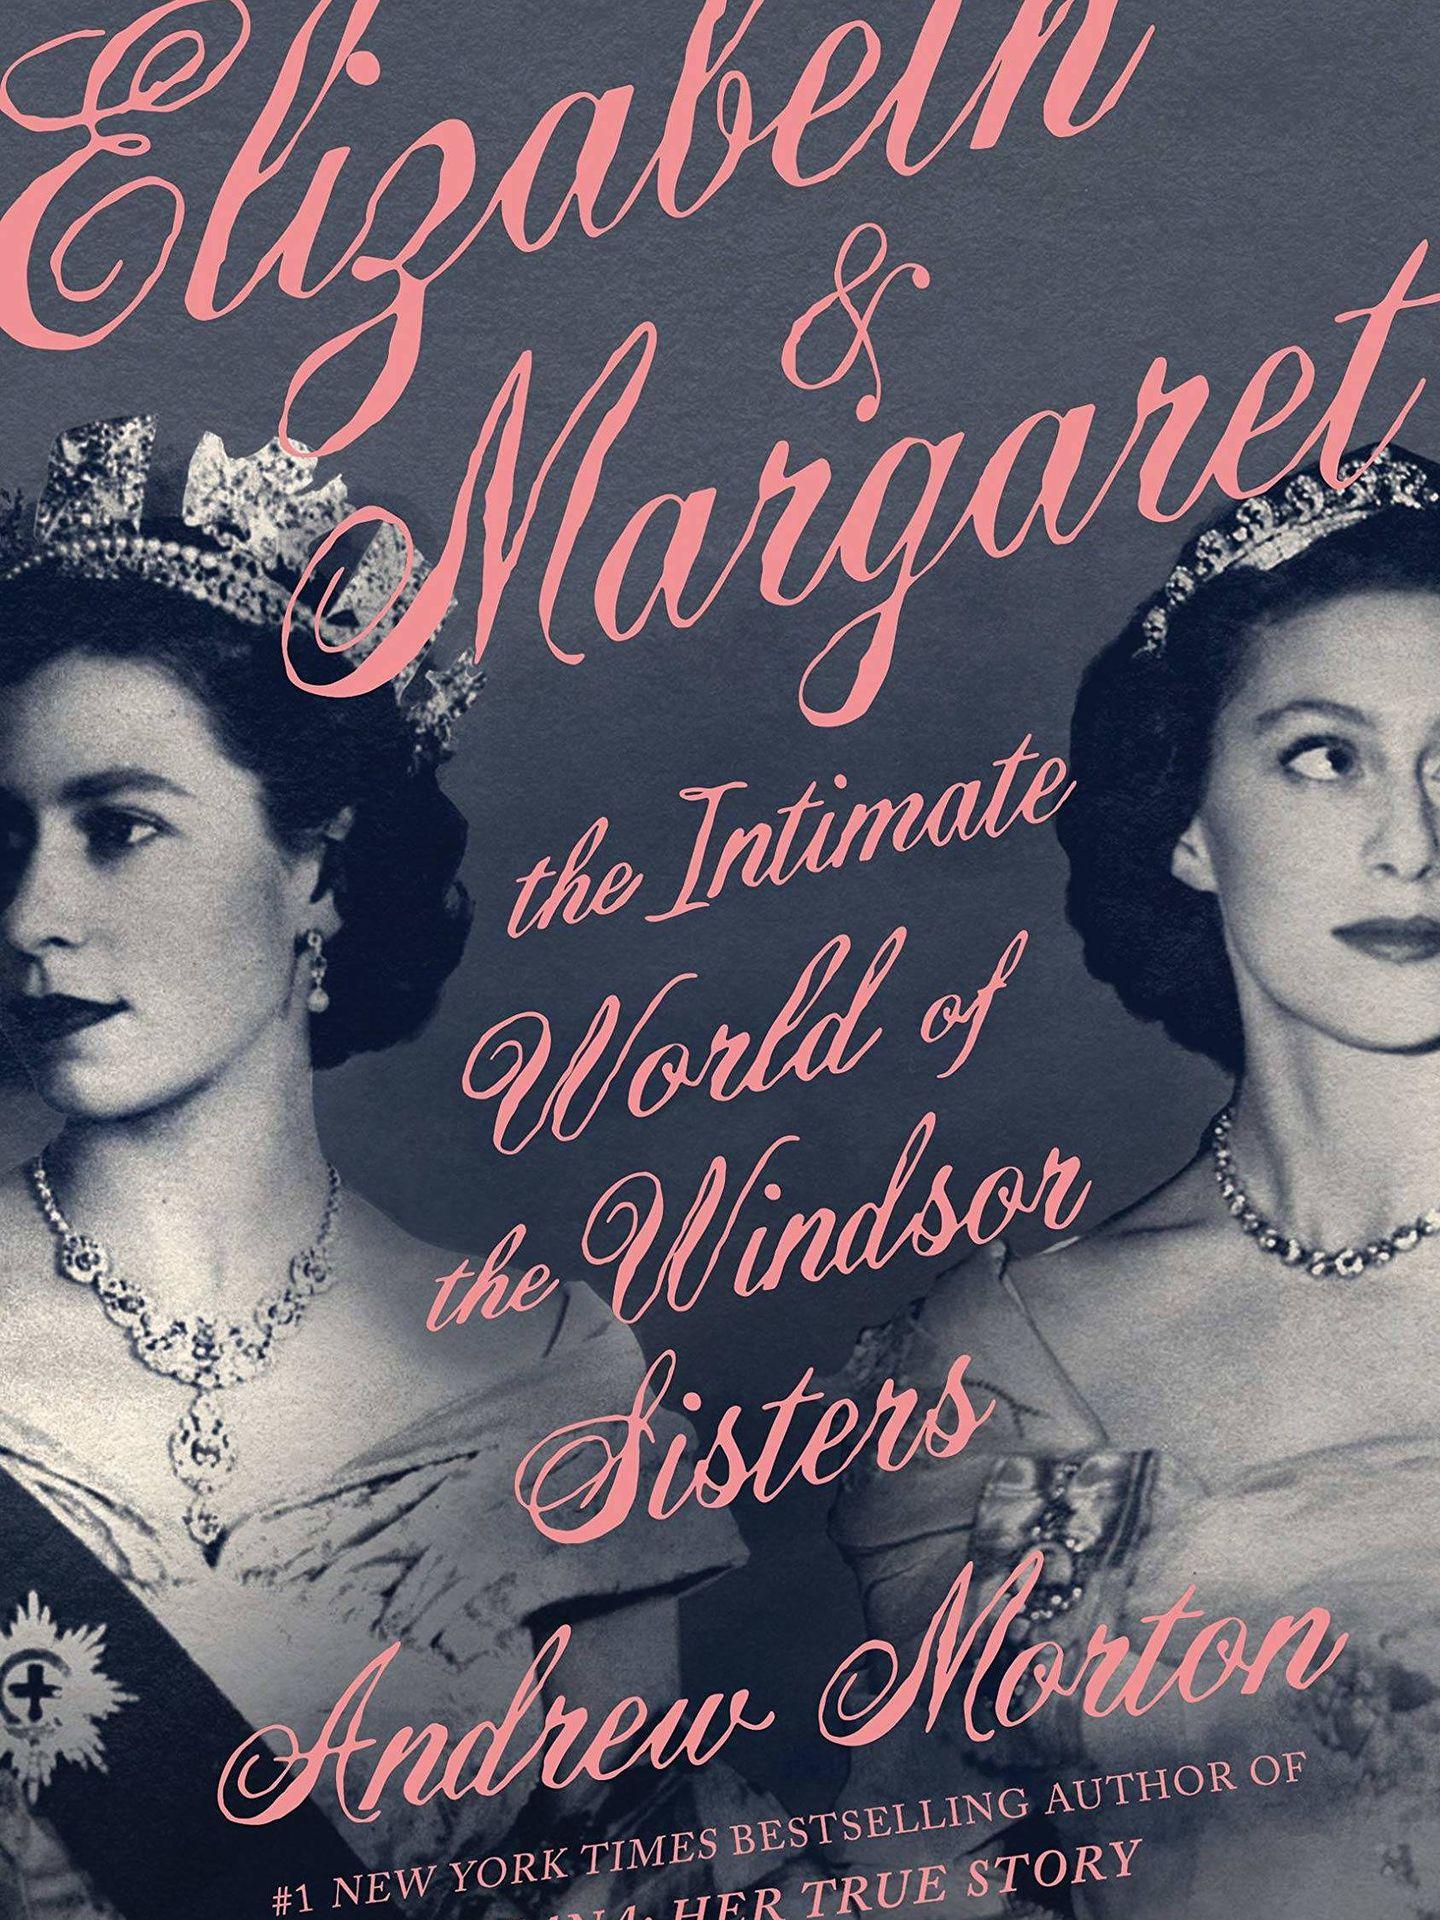 'Elizabeth & Margaret'. (Amazon)